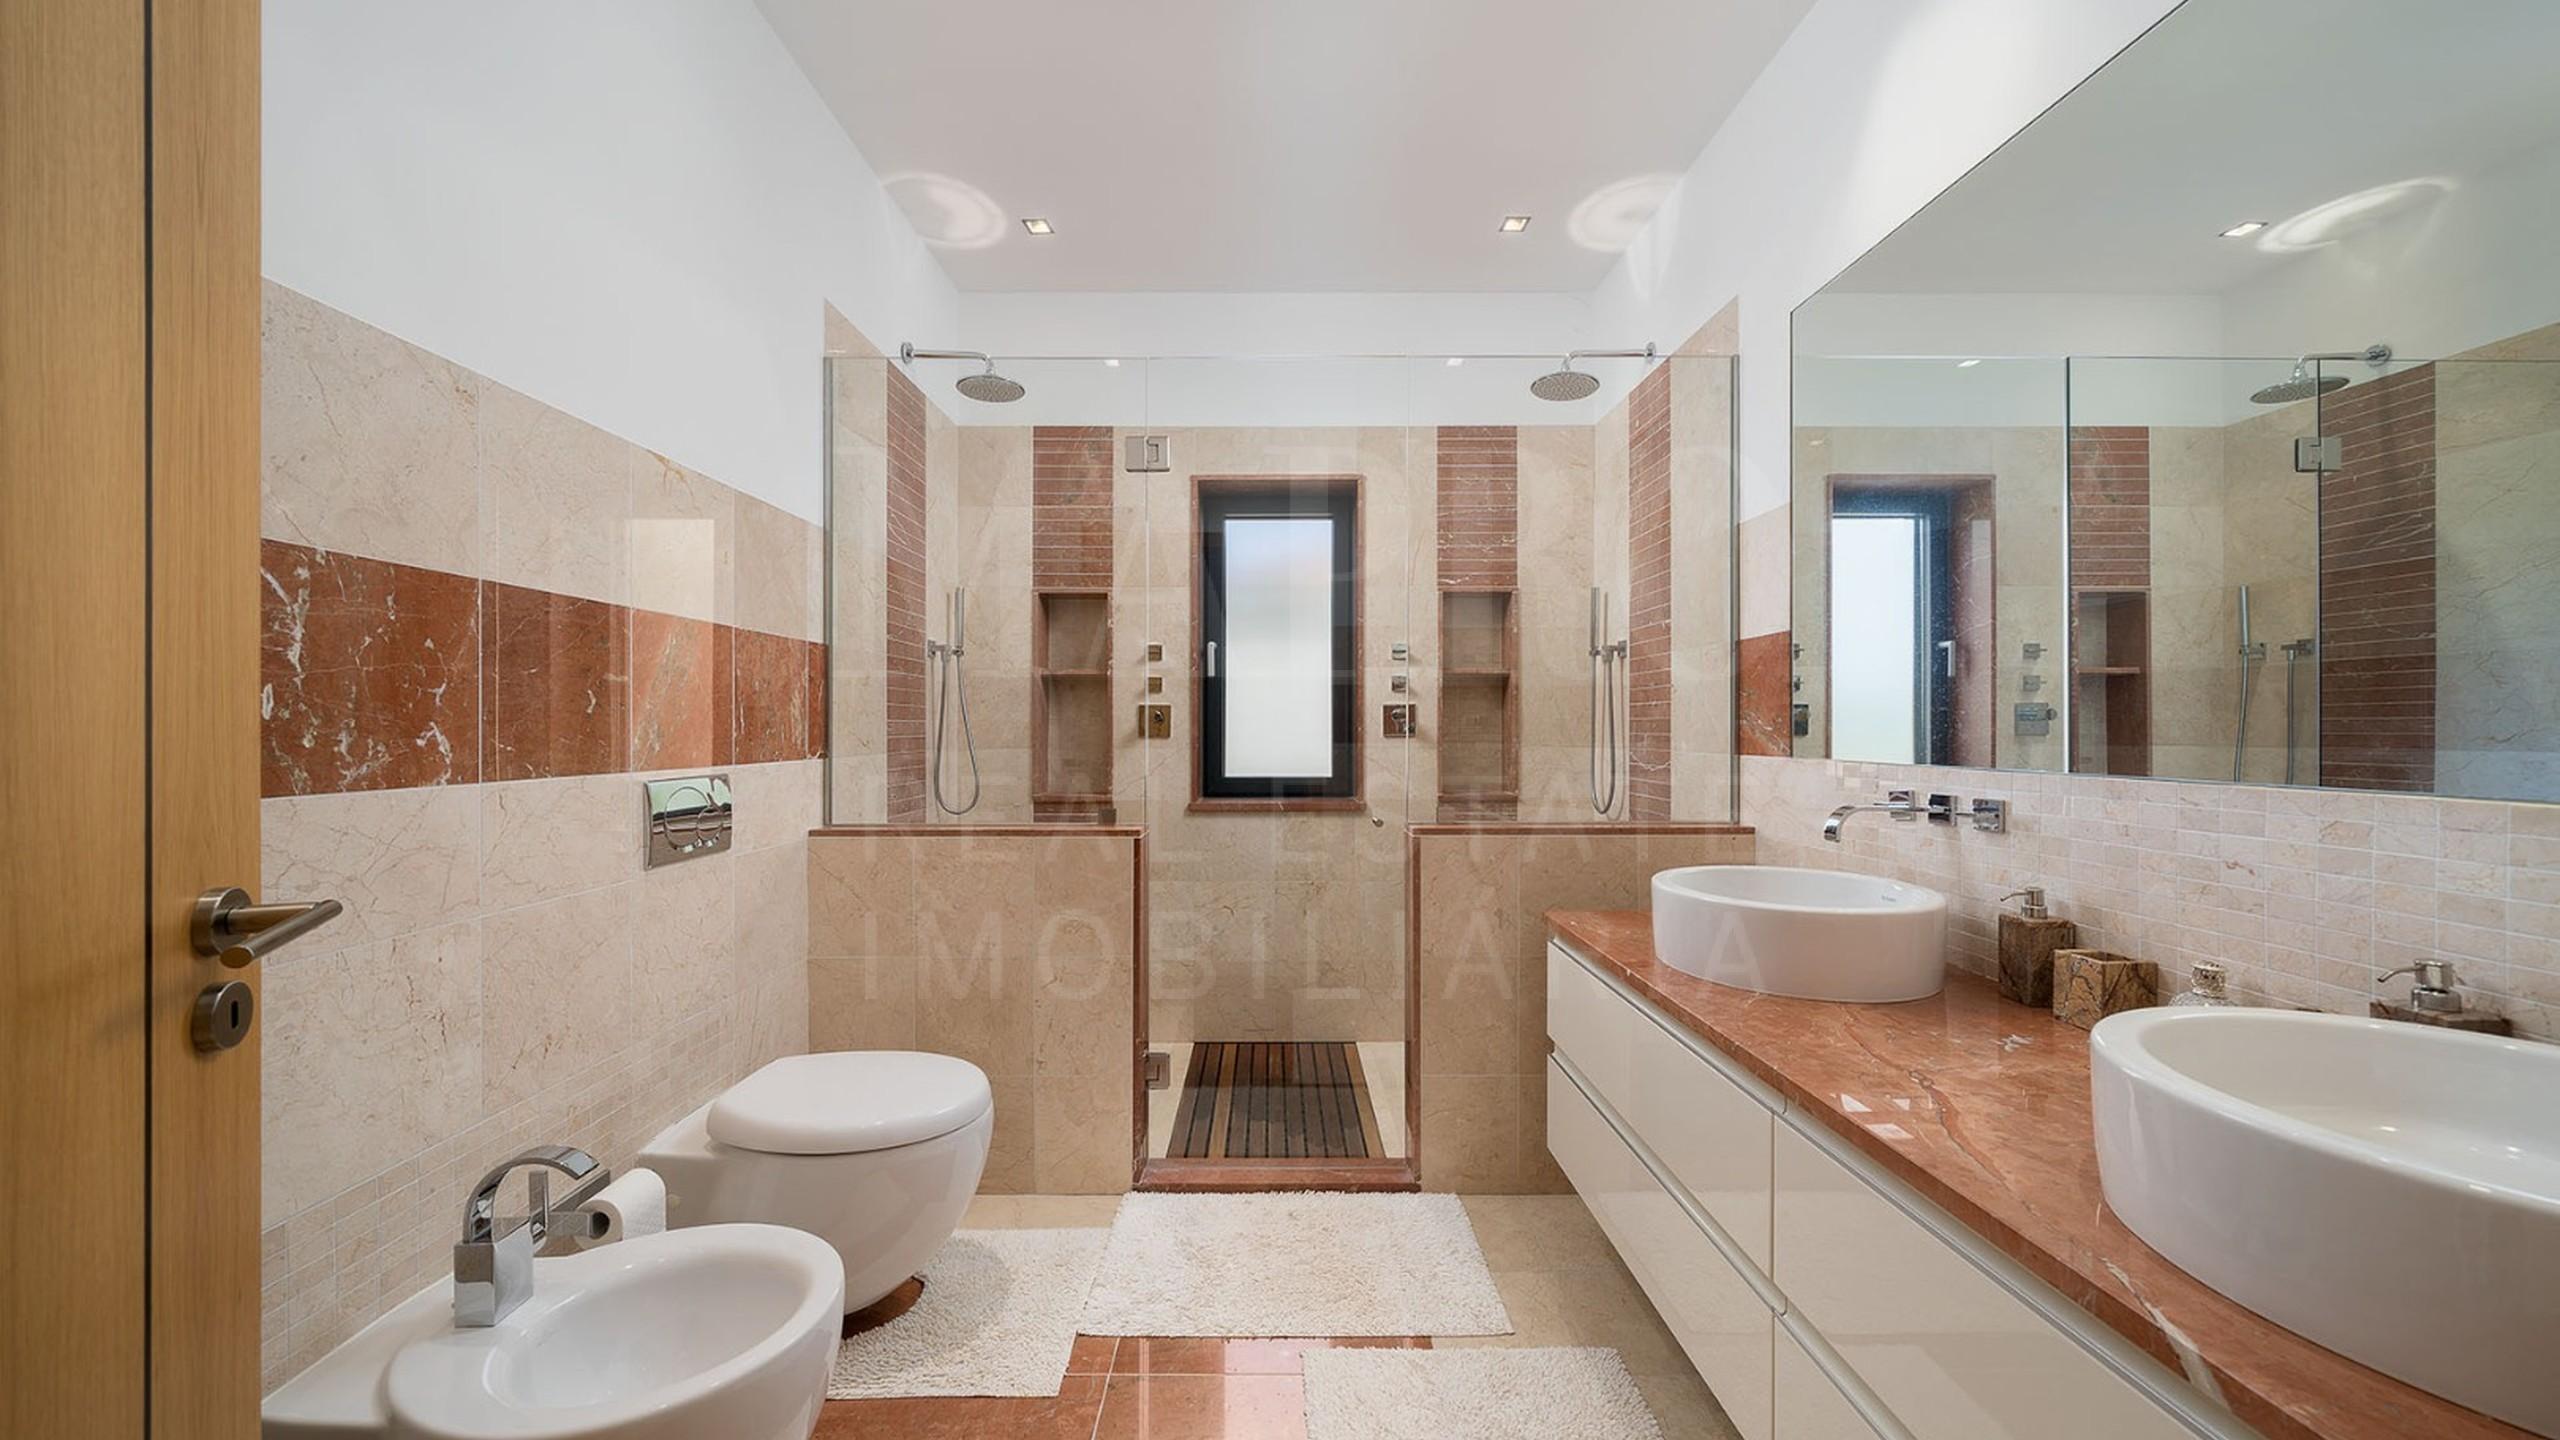 Casa de banho com chuveiro